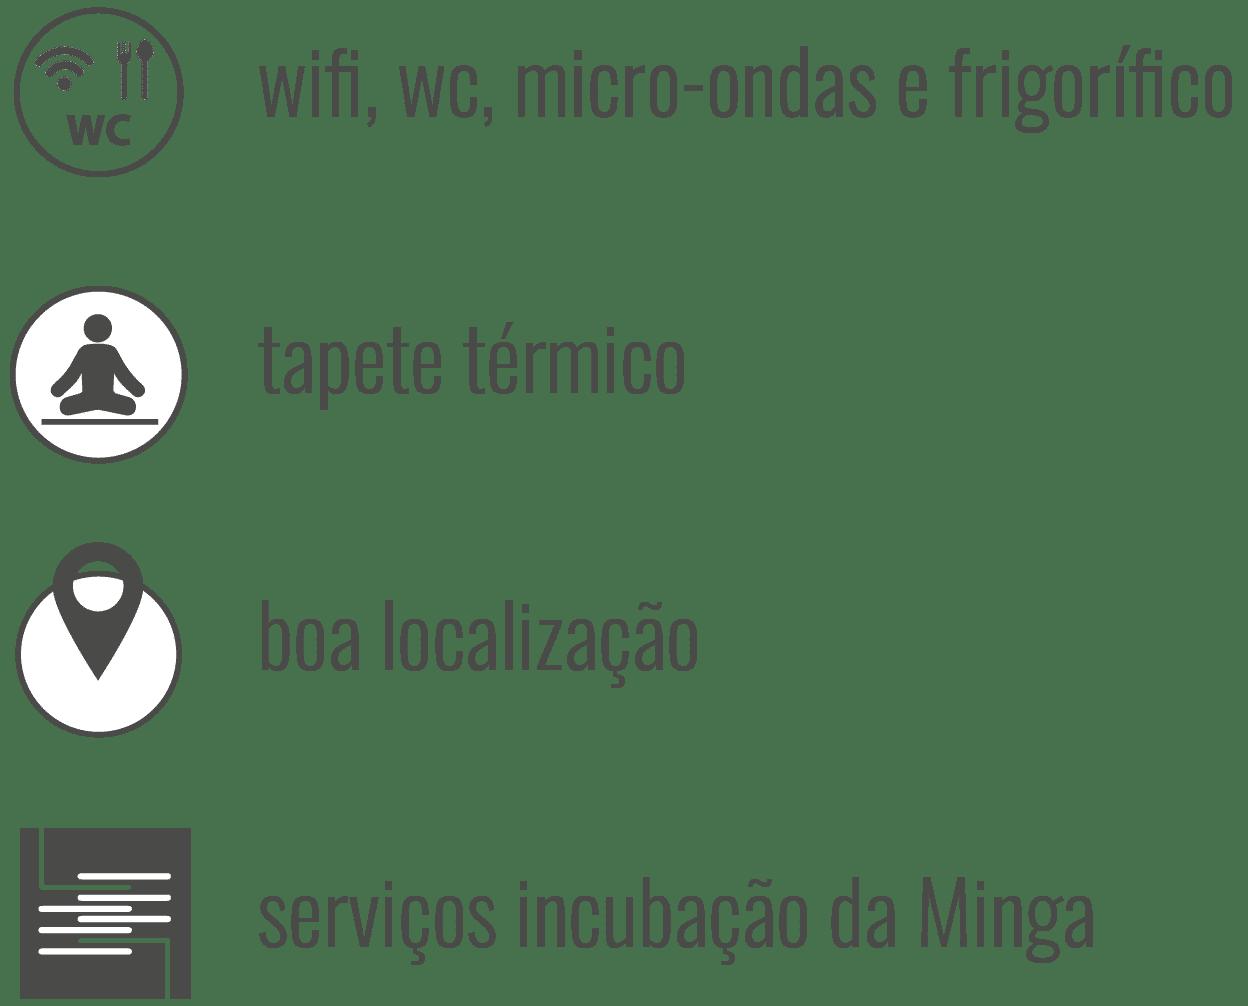 Condições: wifi, wc, micro-ondas, frigorífico, tapete térmico, boa localização, serviços incubação Minga